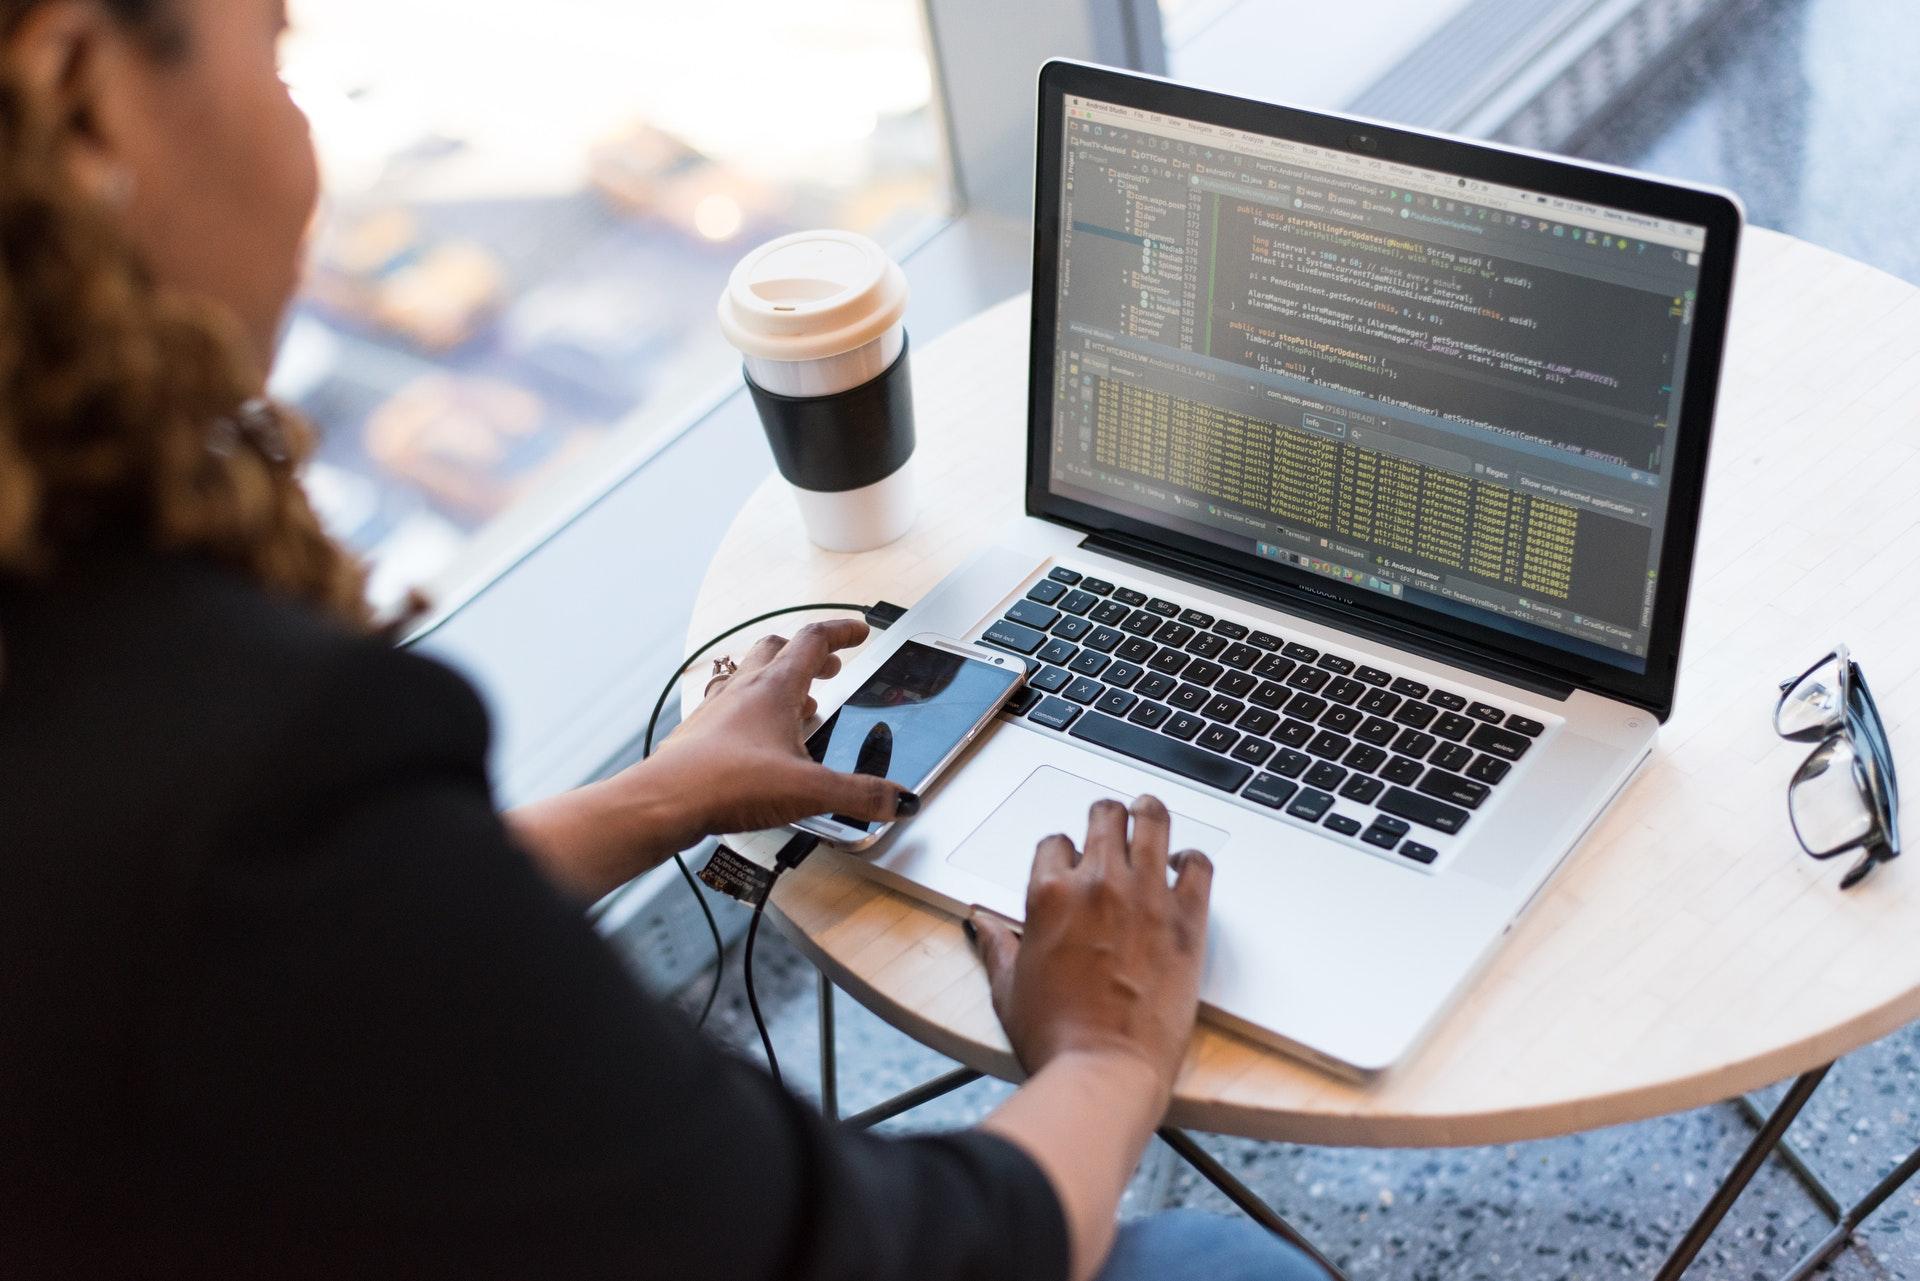 Frau sitzt mit Handy und Kaffee vorm Laptop.